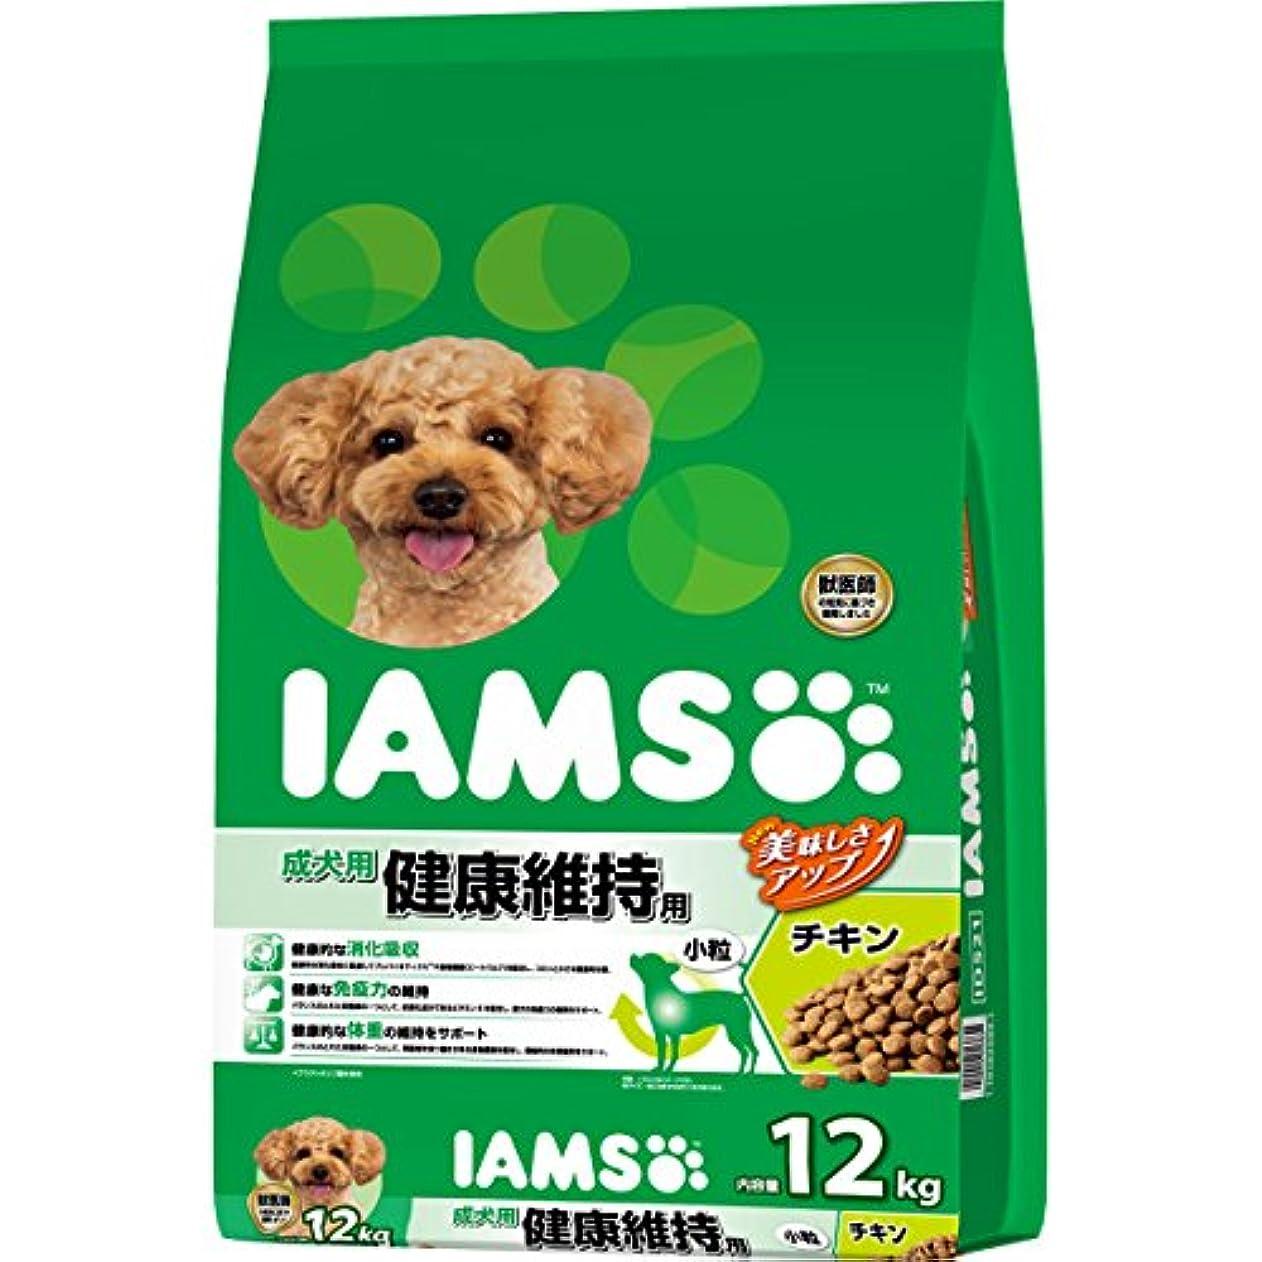 ジレンマ近代化するペレットアイムス (IAMS) ドッグフード 成犬用 健康維持用 小粒 チキン 12kg